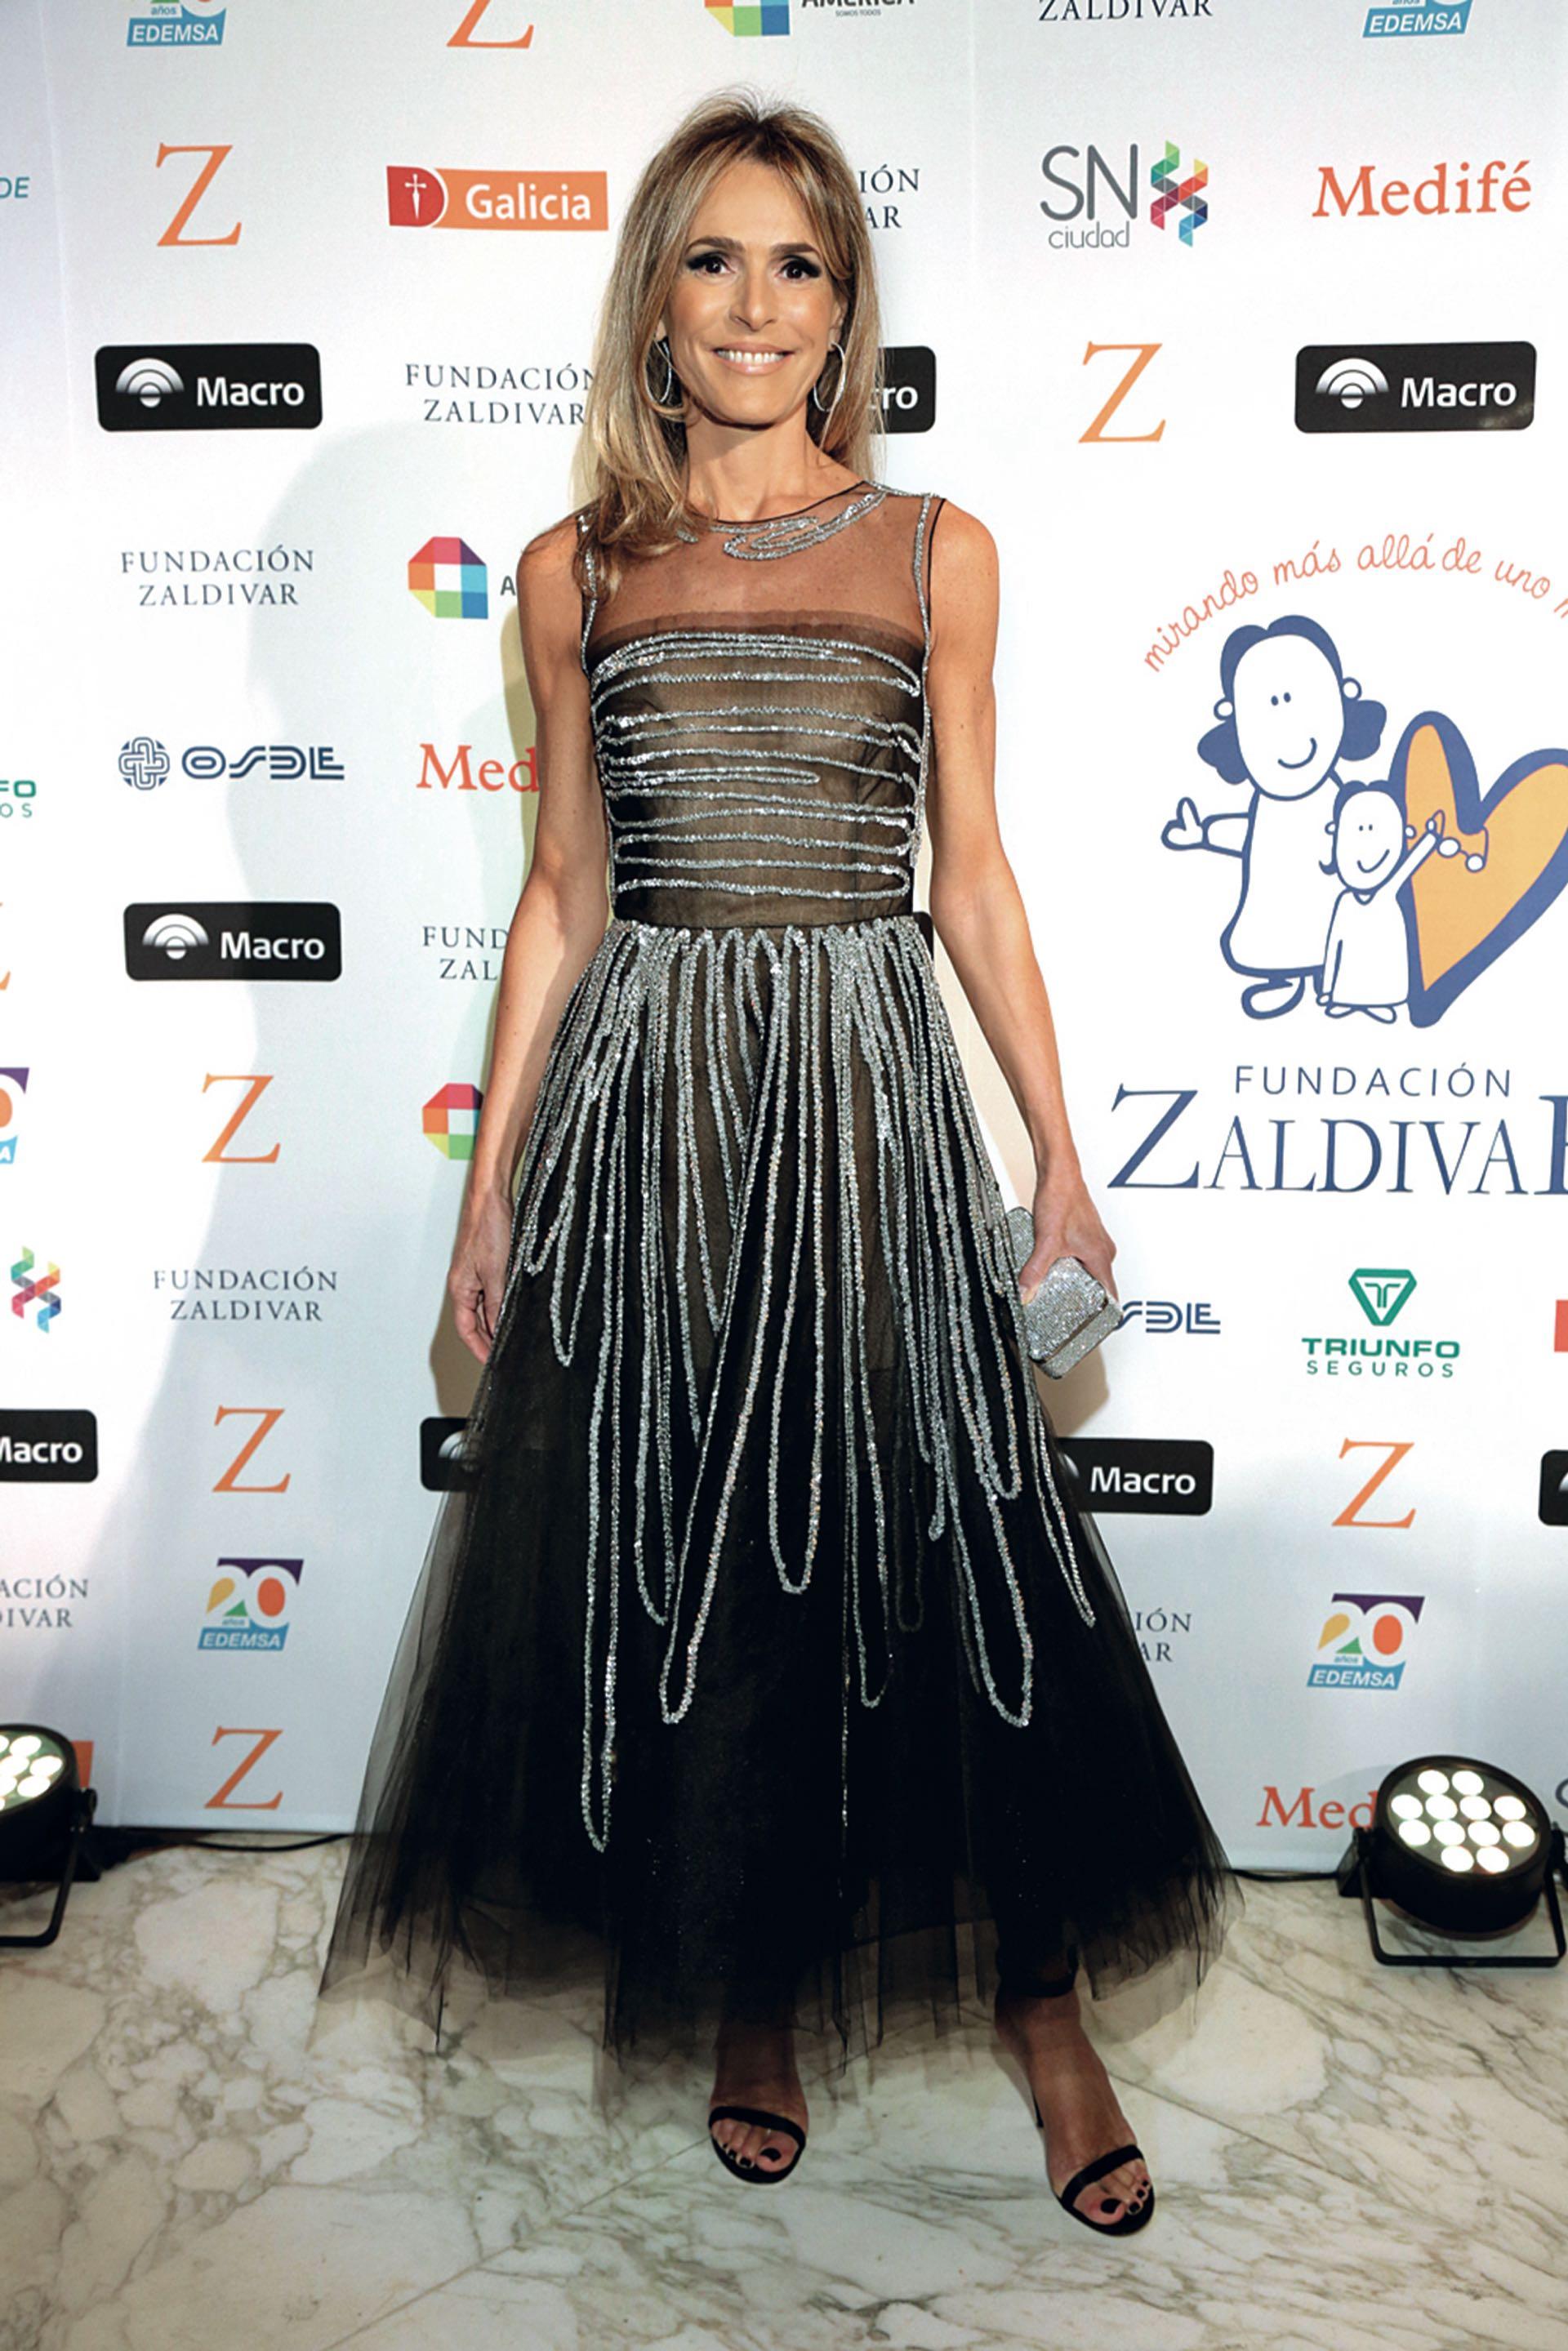 Rosella della Giovampaola, siempre entre las mejor vestidas.